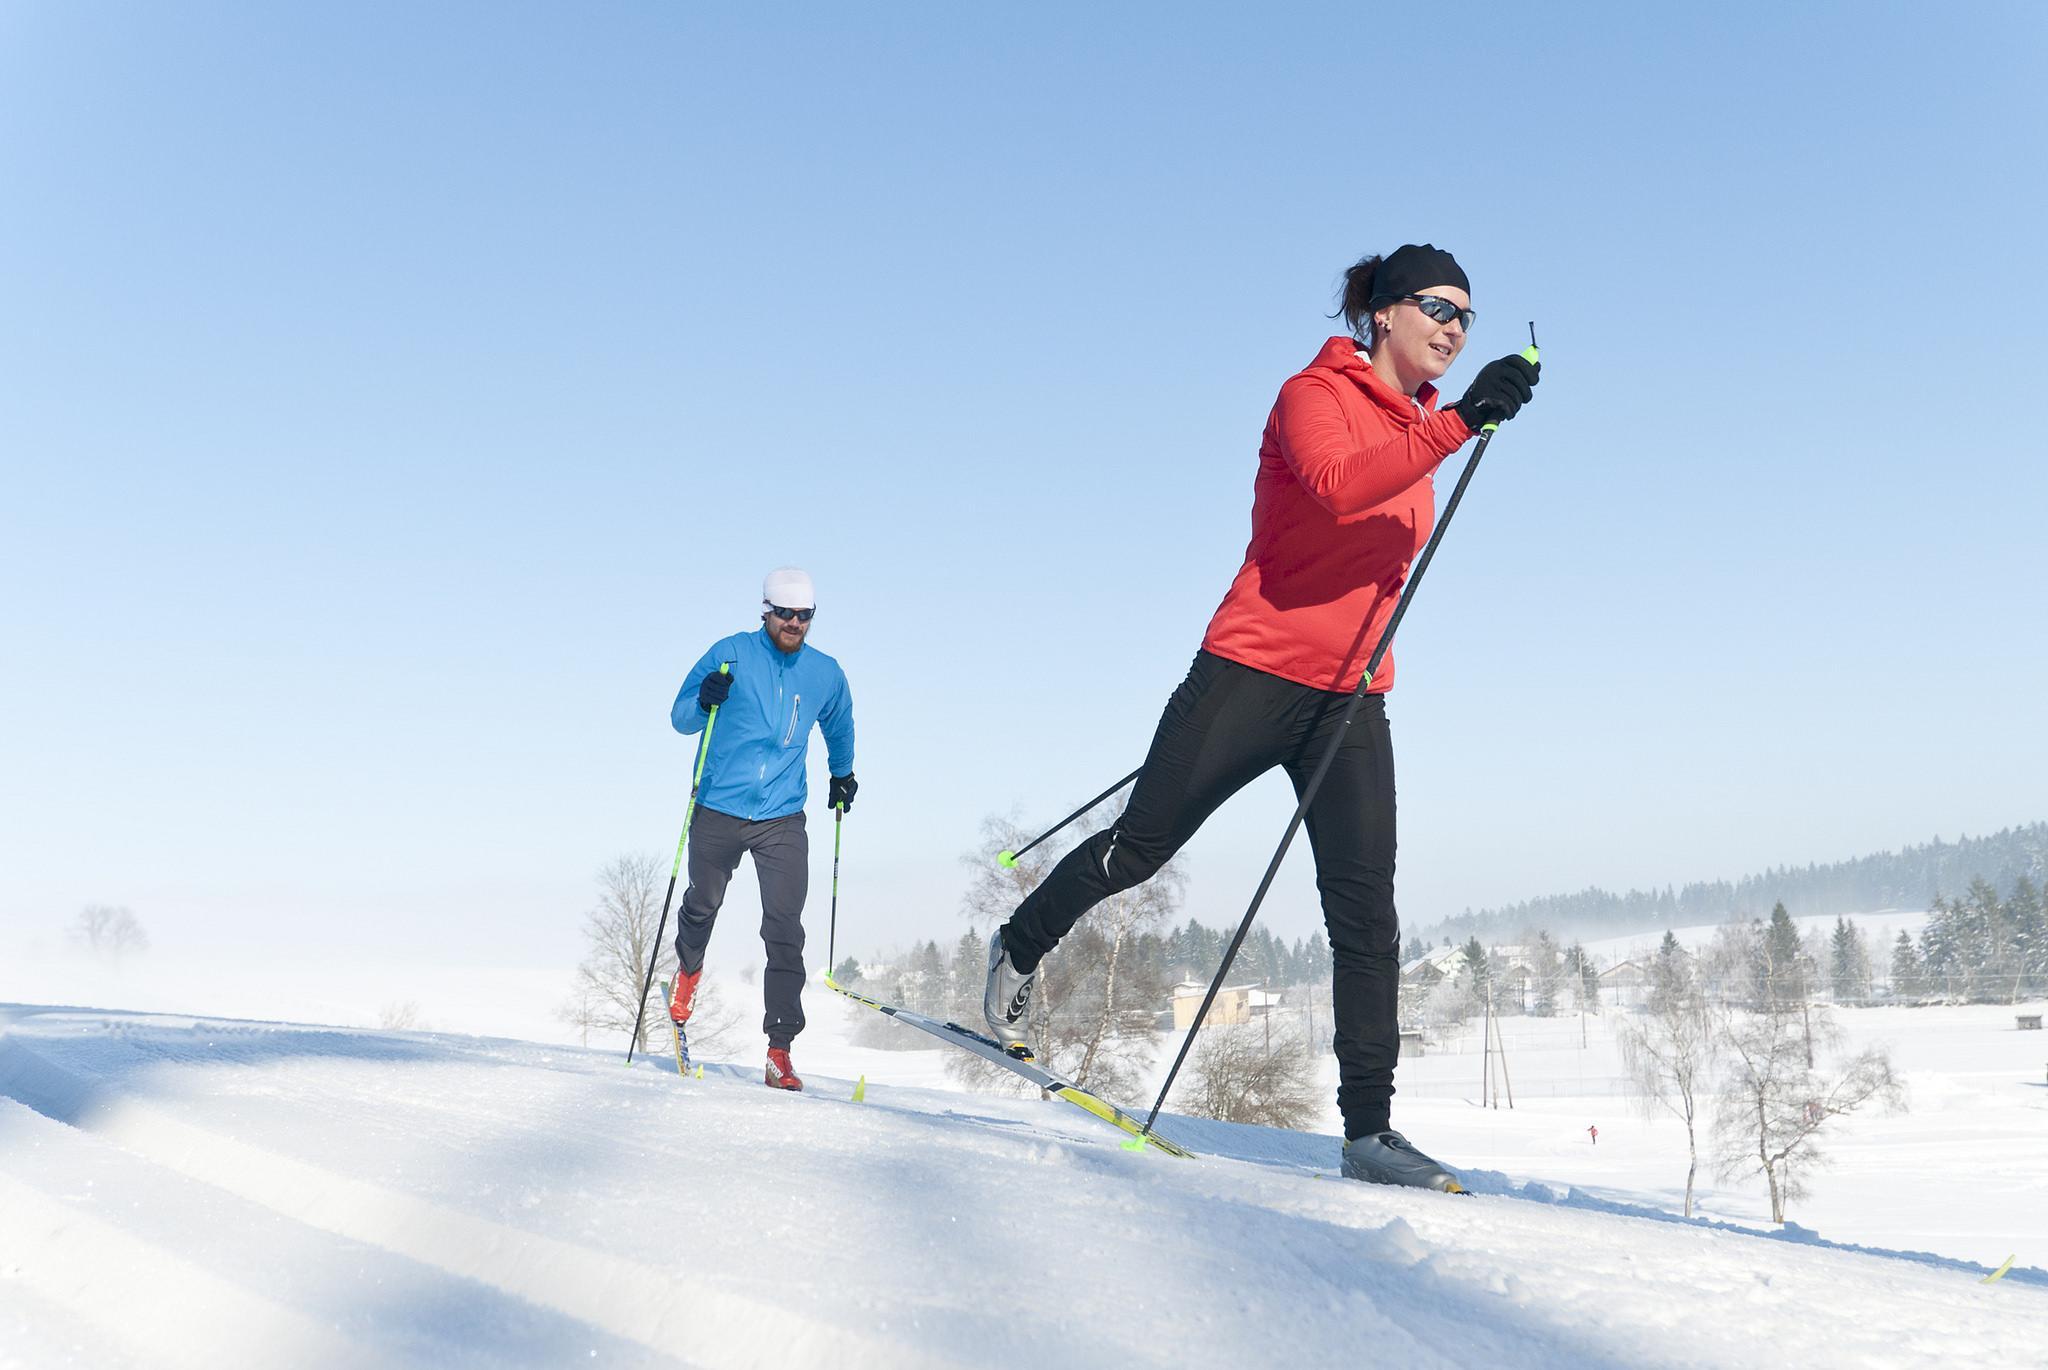 Skischule turracher h he k rnten for Turracher hohe skigebiet